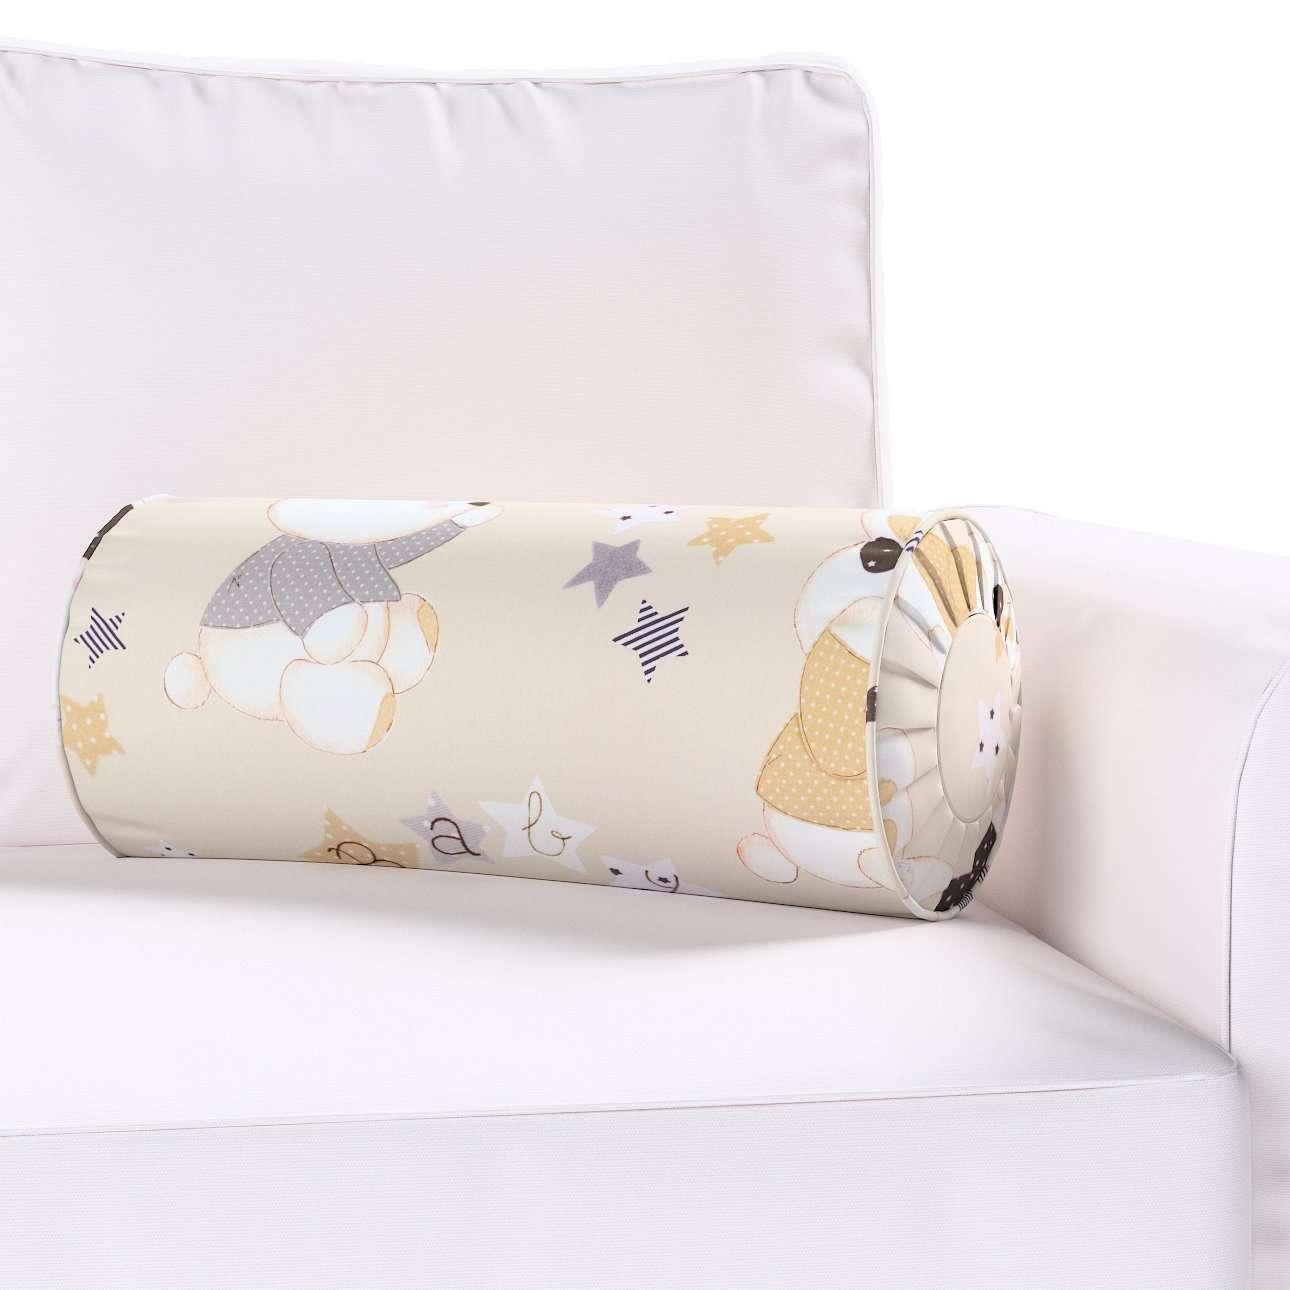 Poduszka wałek z zakładkami w kolekcji Adventure, tkanina: 141-85